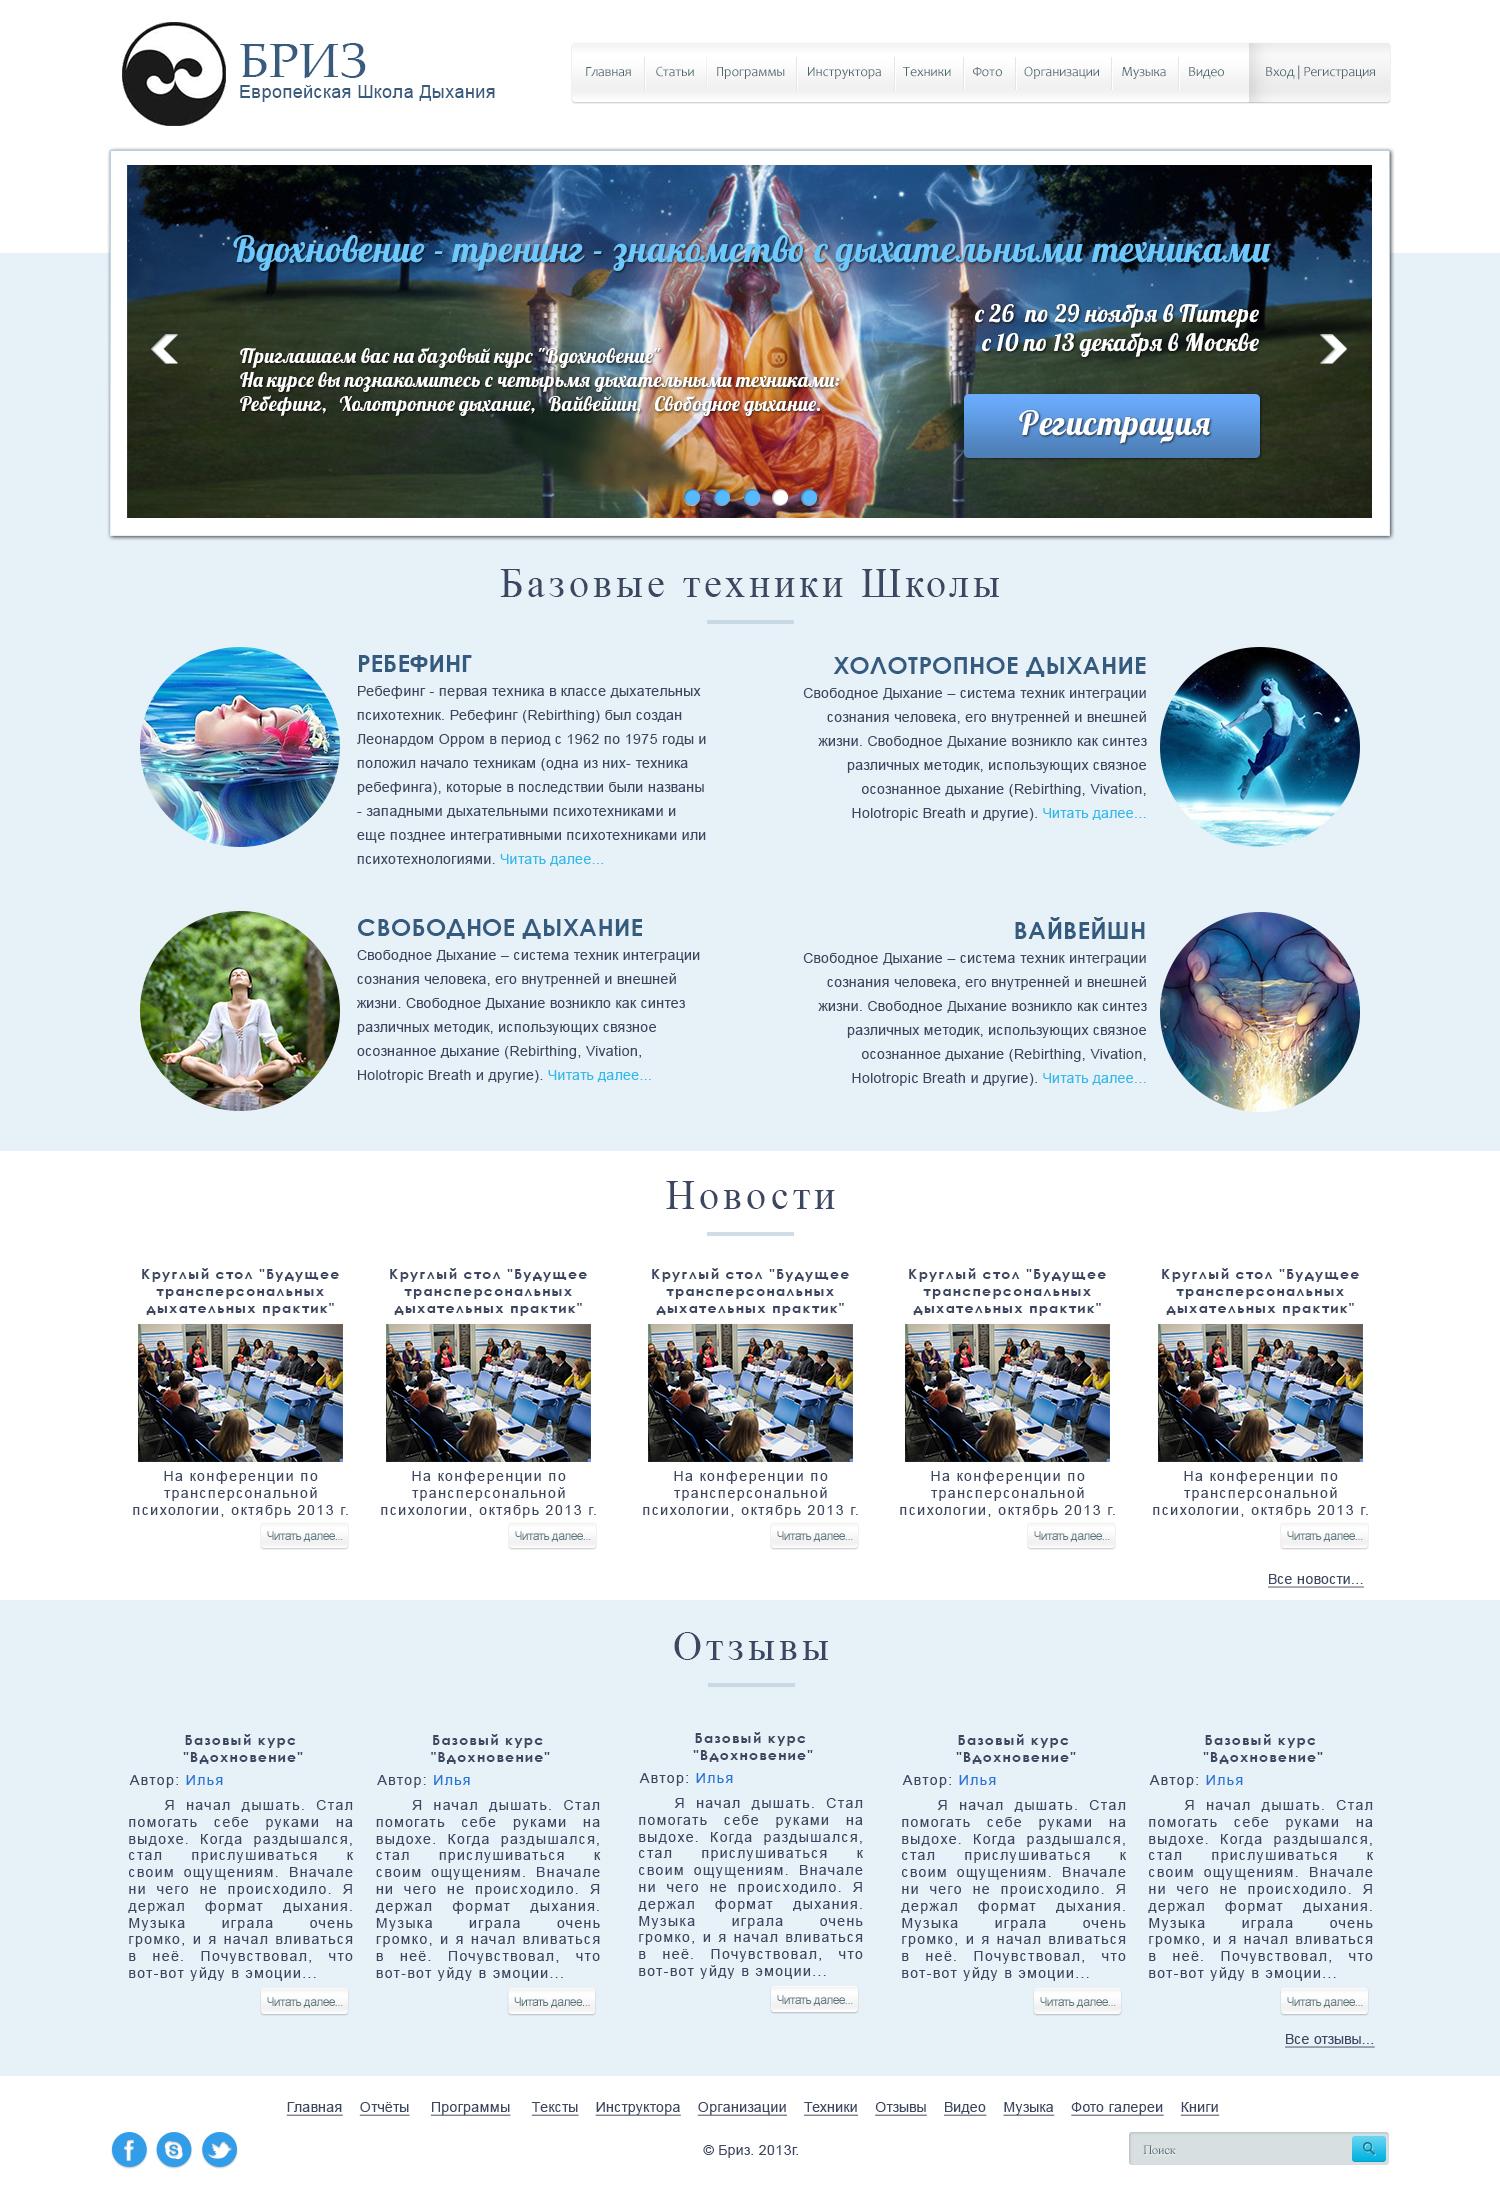 Креативный дизайн главной страницы breathe.ru фото f_622528ca14599895.jpg